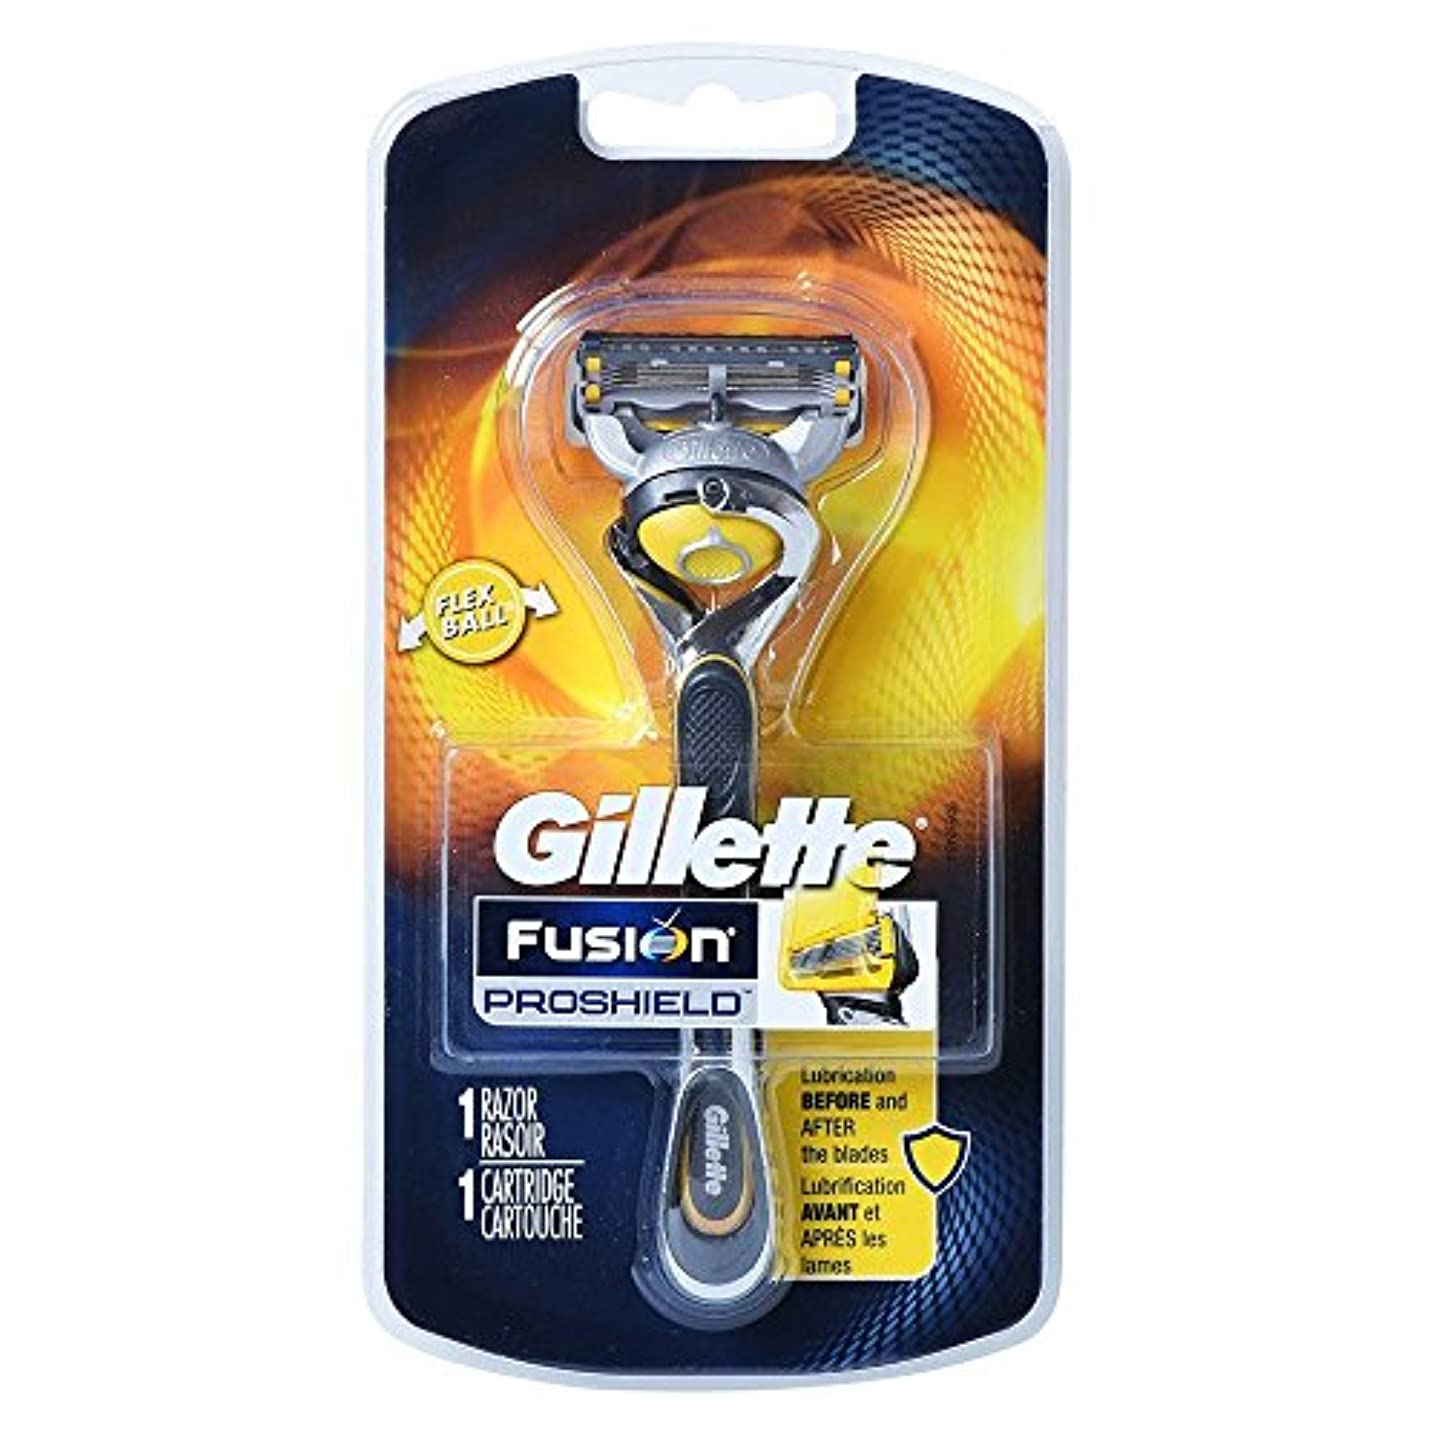 取り出すがんばり続けるに向けて出発Gillette Fusion Proshield Yellow フレックスボール剃刀でメンズカミソリ Refrills 1 [並行輸入品]